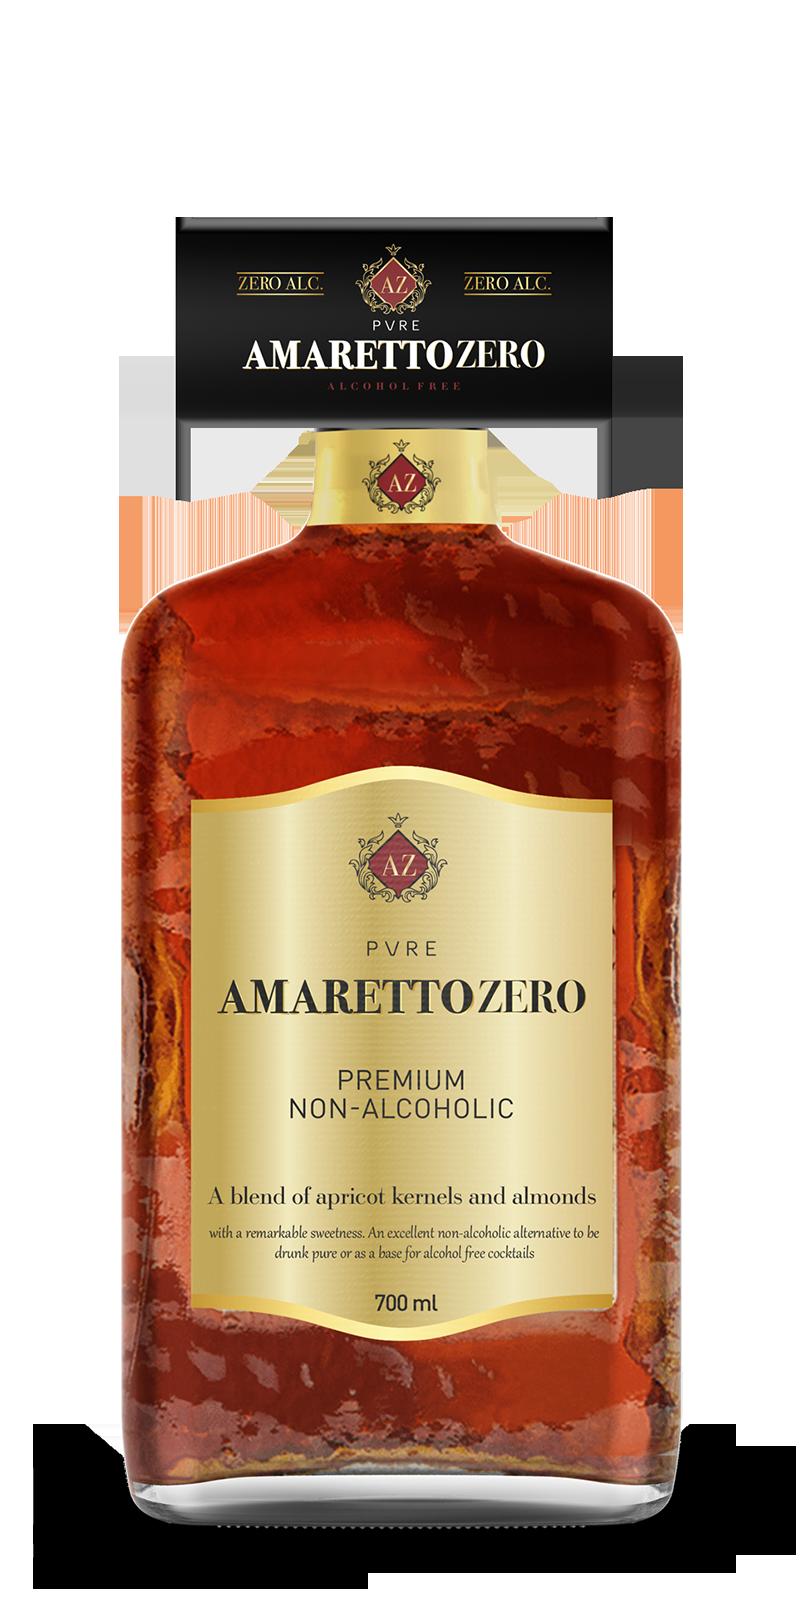 AmarettoZ_Bottle-Cravate_210526_WEB (1)